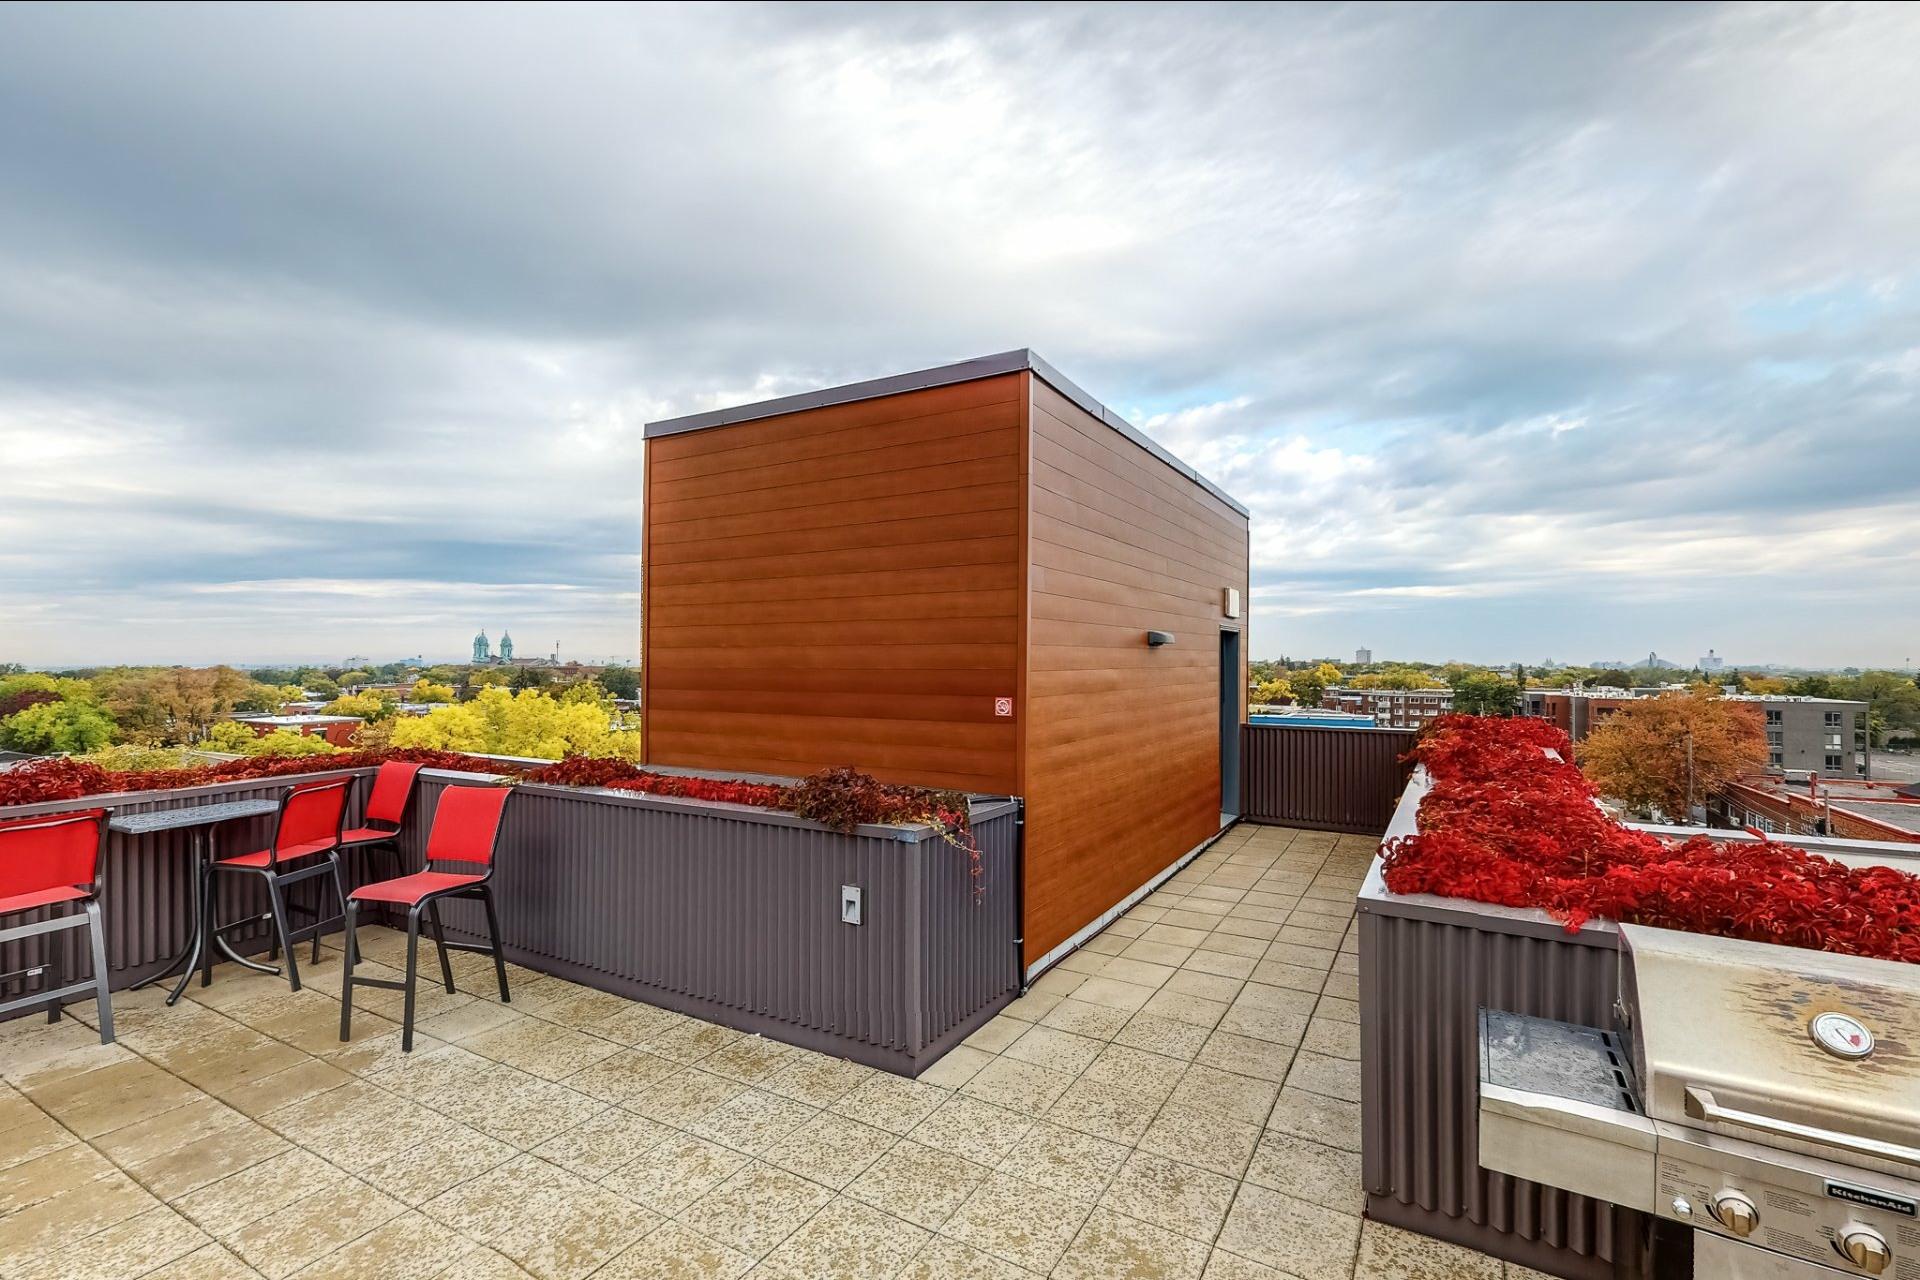 image 20 - Appartement À vendre Rosemont/La Petite-Patrie Montréal  - 3 pièces